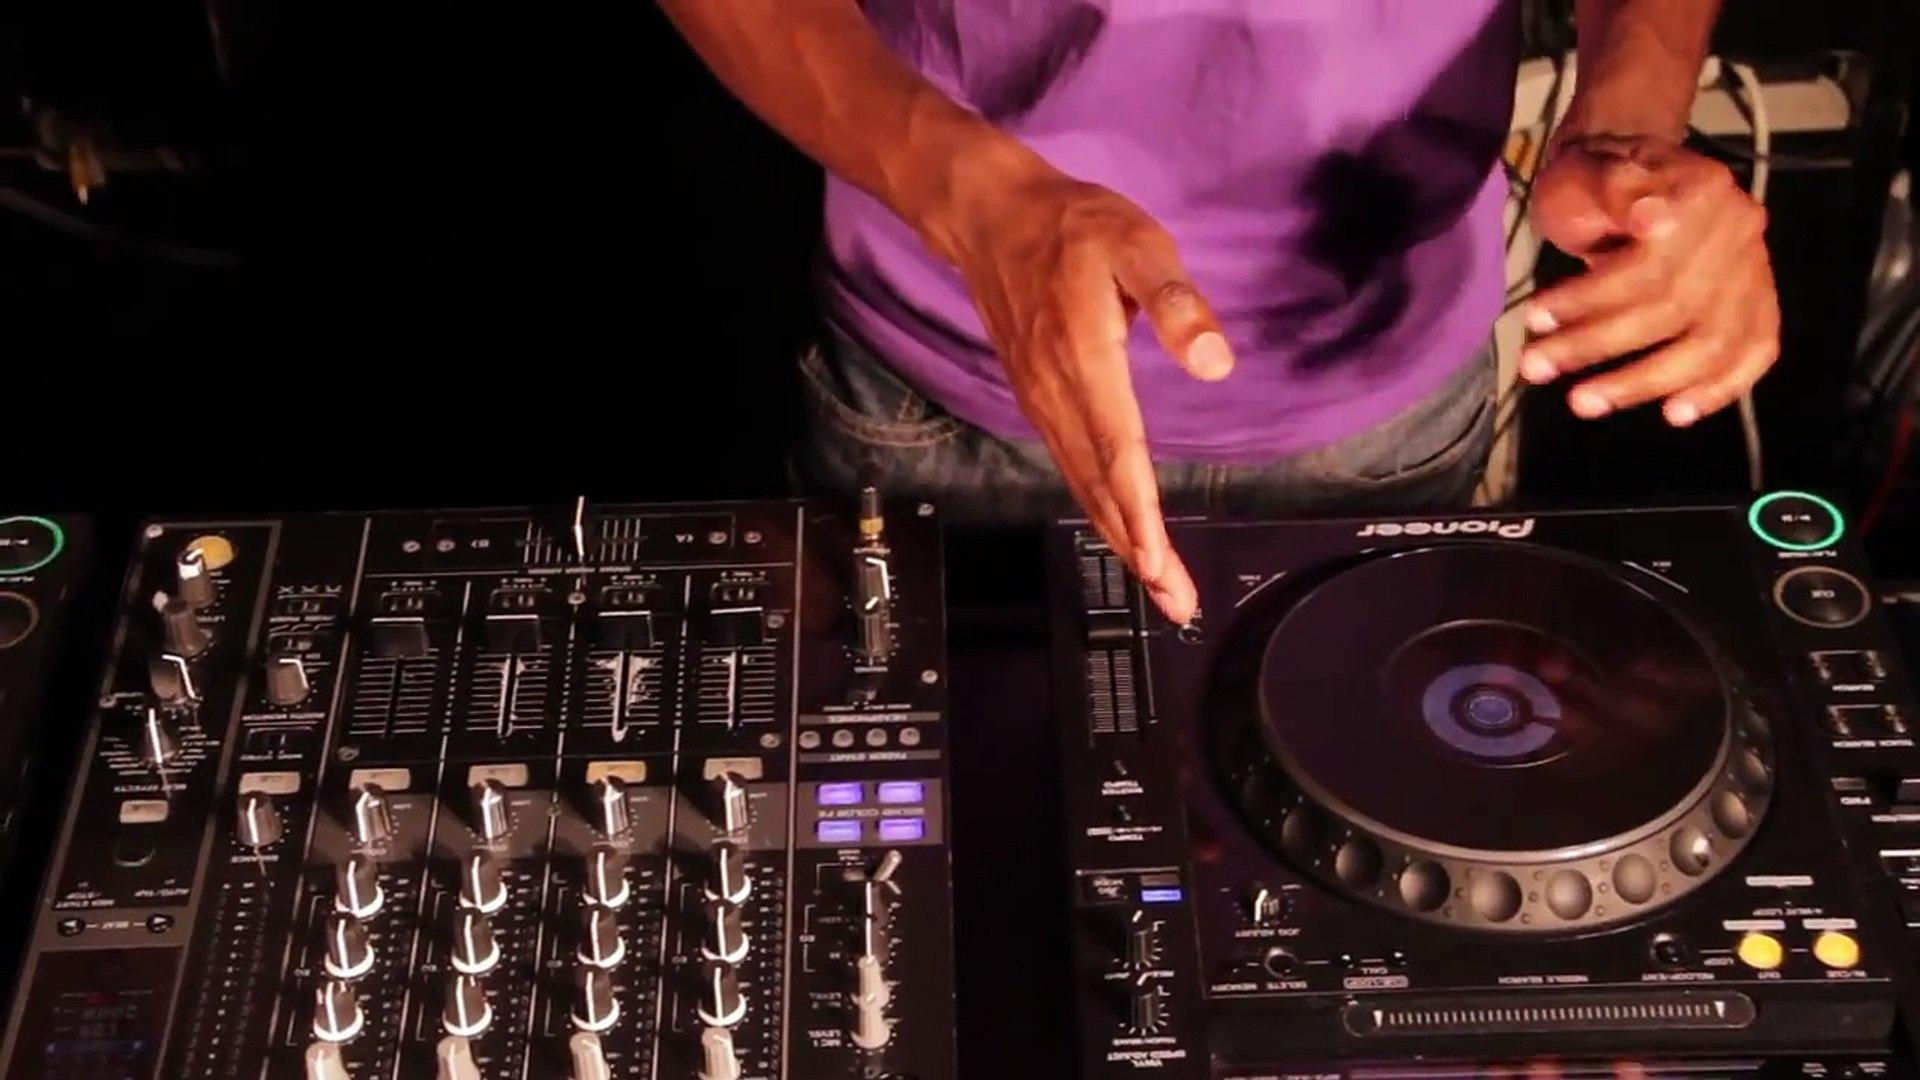 Basic DJ Setup for Beginners - DEX 101